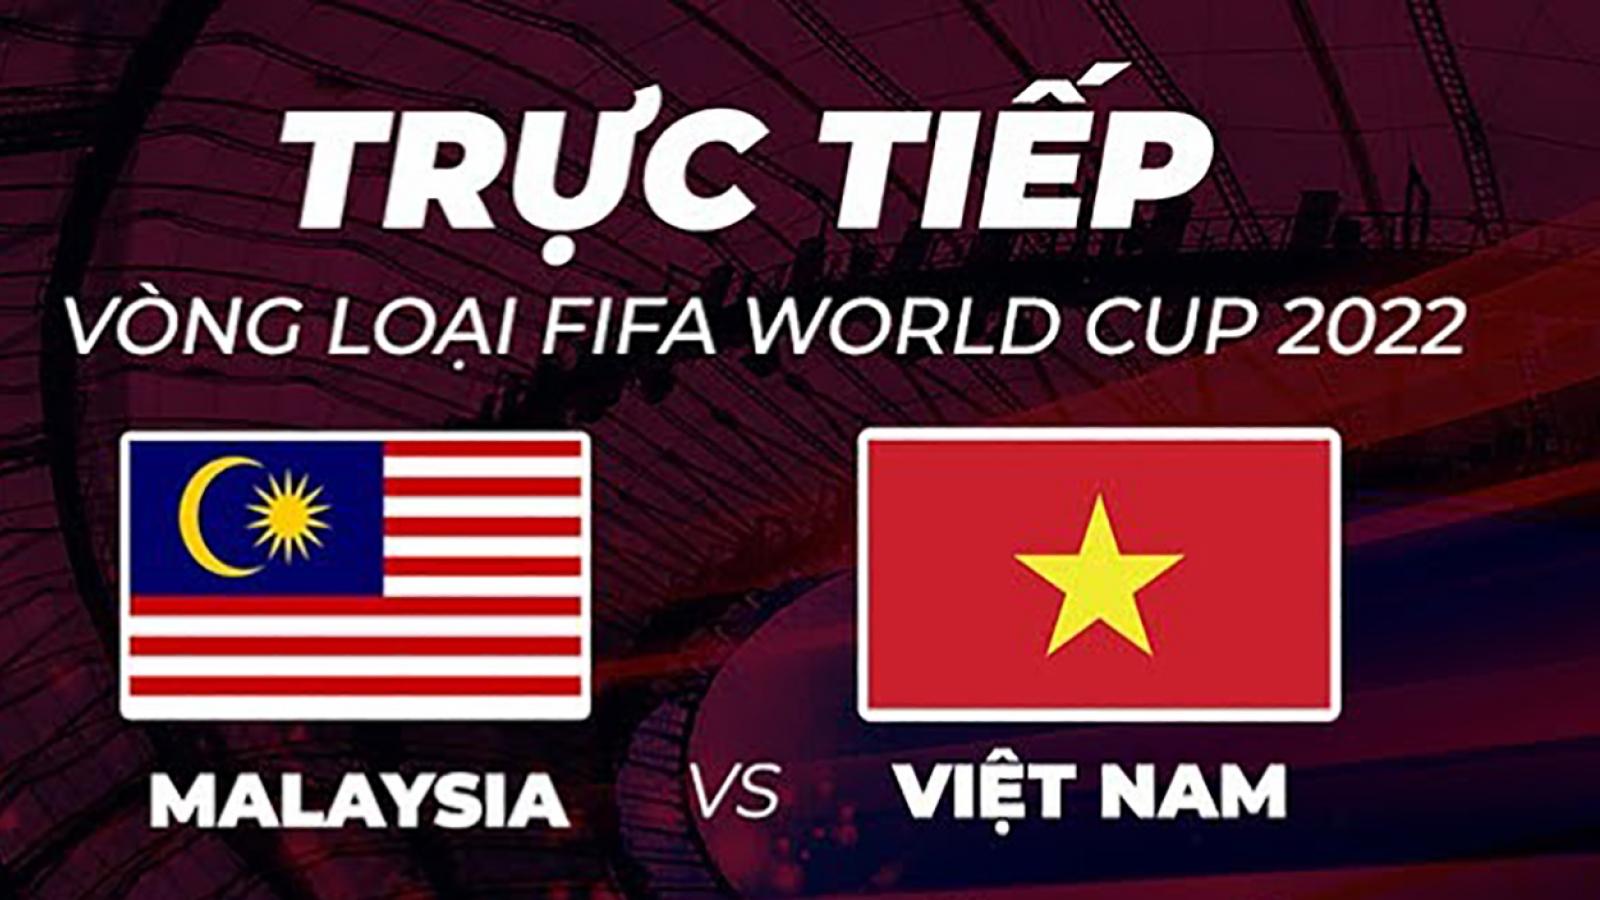 Cách xem trực tiếp trận đấu giữa ĐT Việt Nam vs ĐT Malaysia